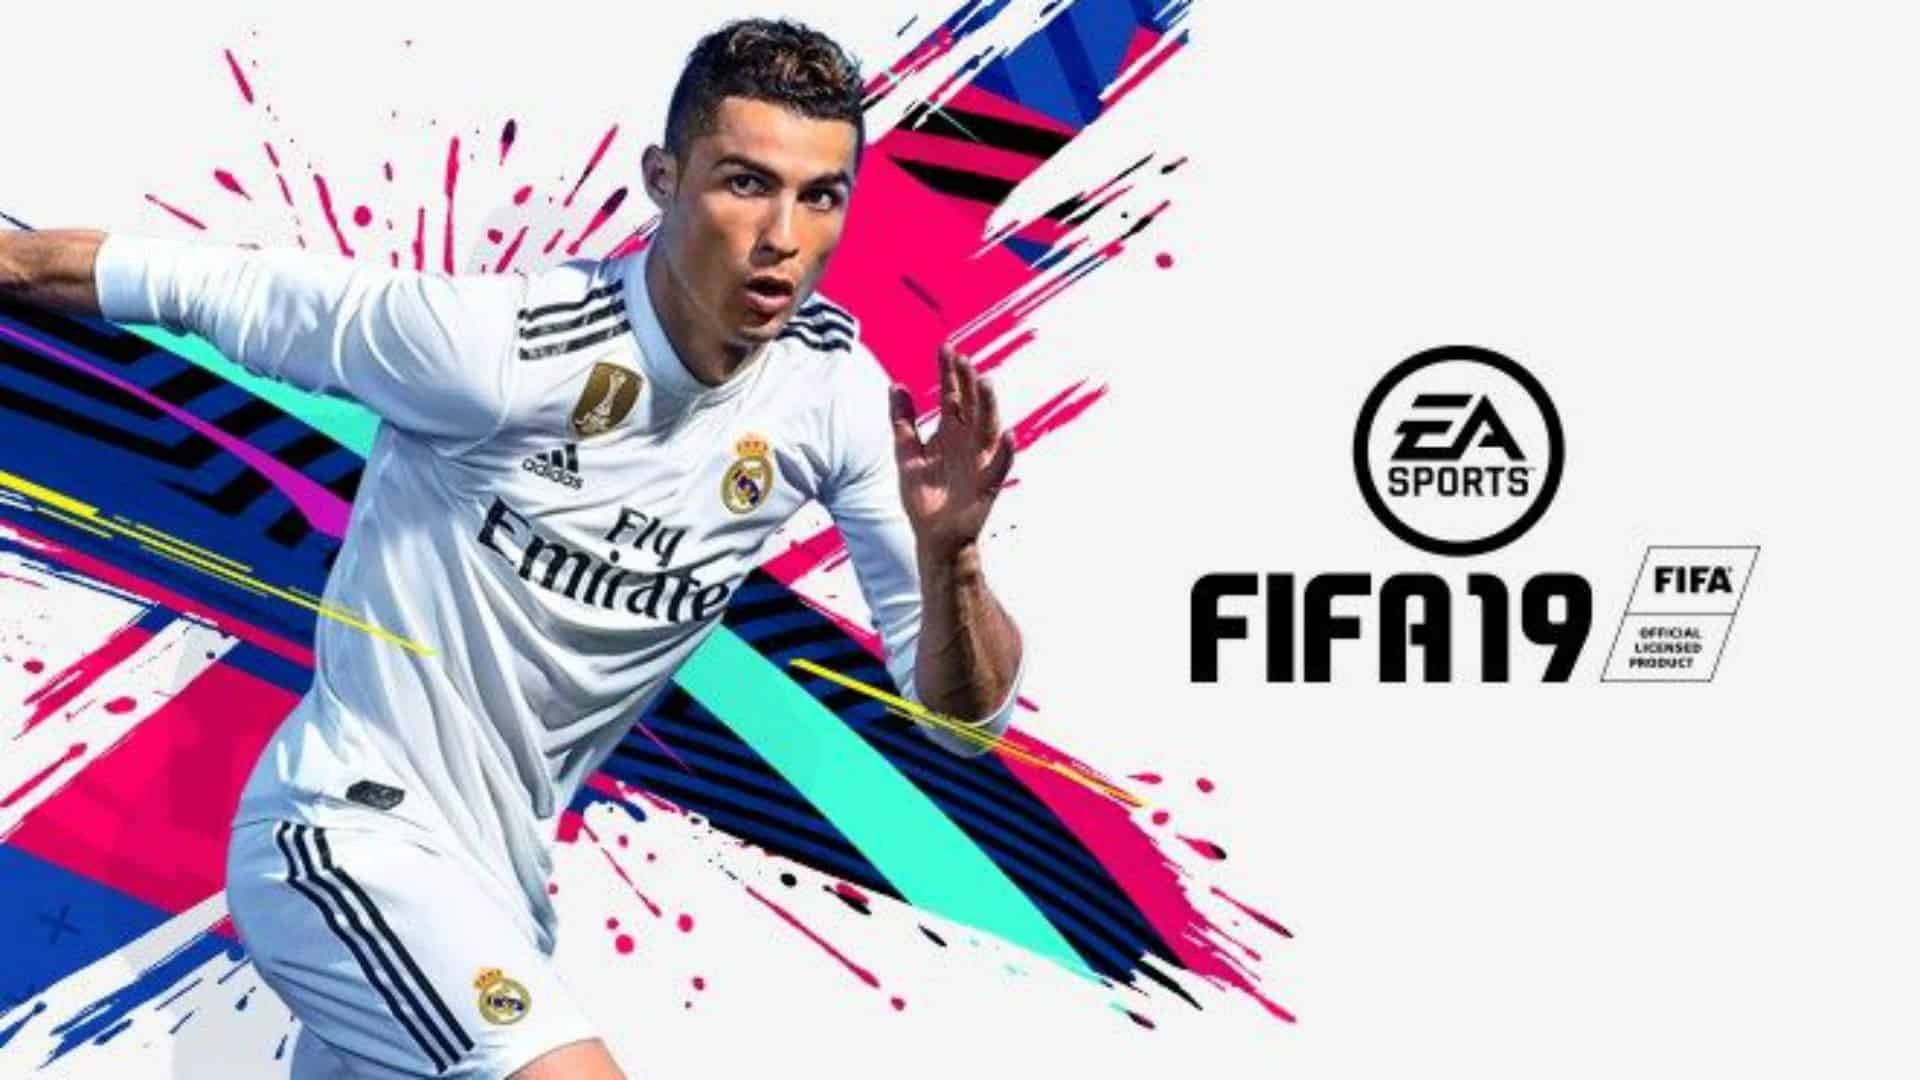 FIFA 19: trucchi e suggerimenti per diventare dei campioni